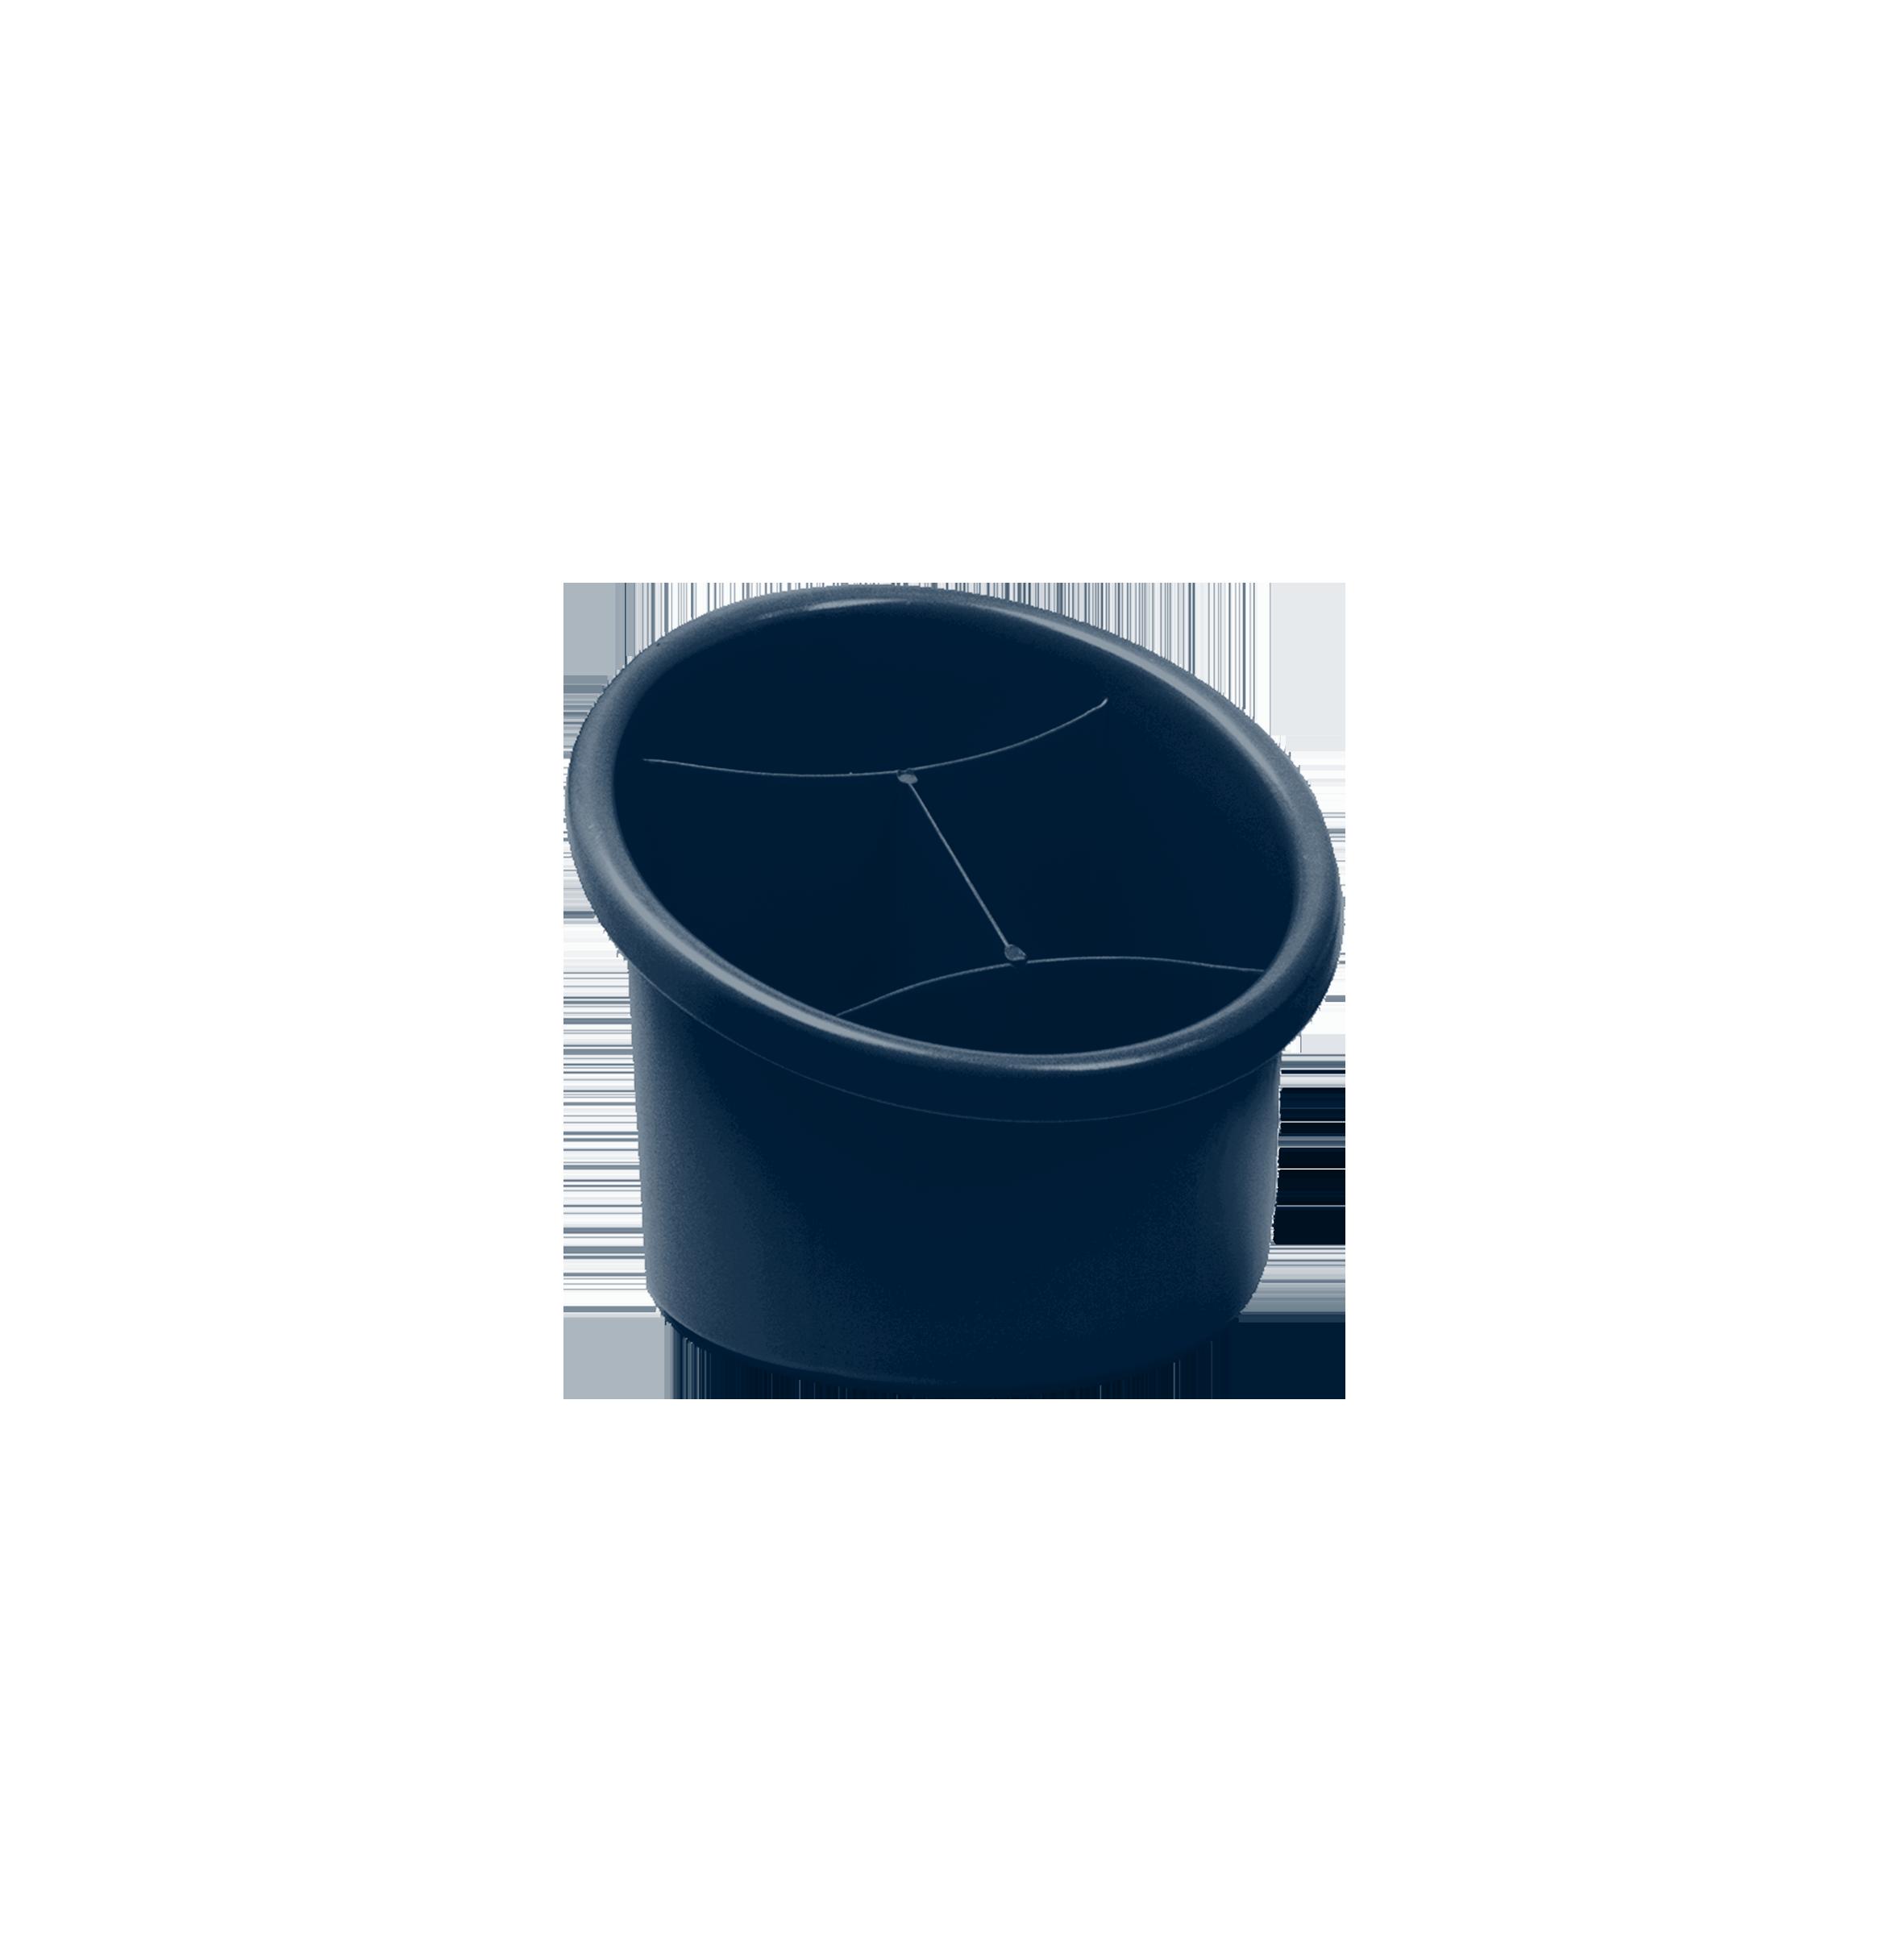 Imagem do produto: Secador de Talher 2903